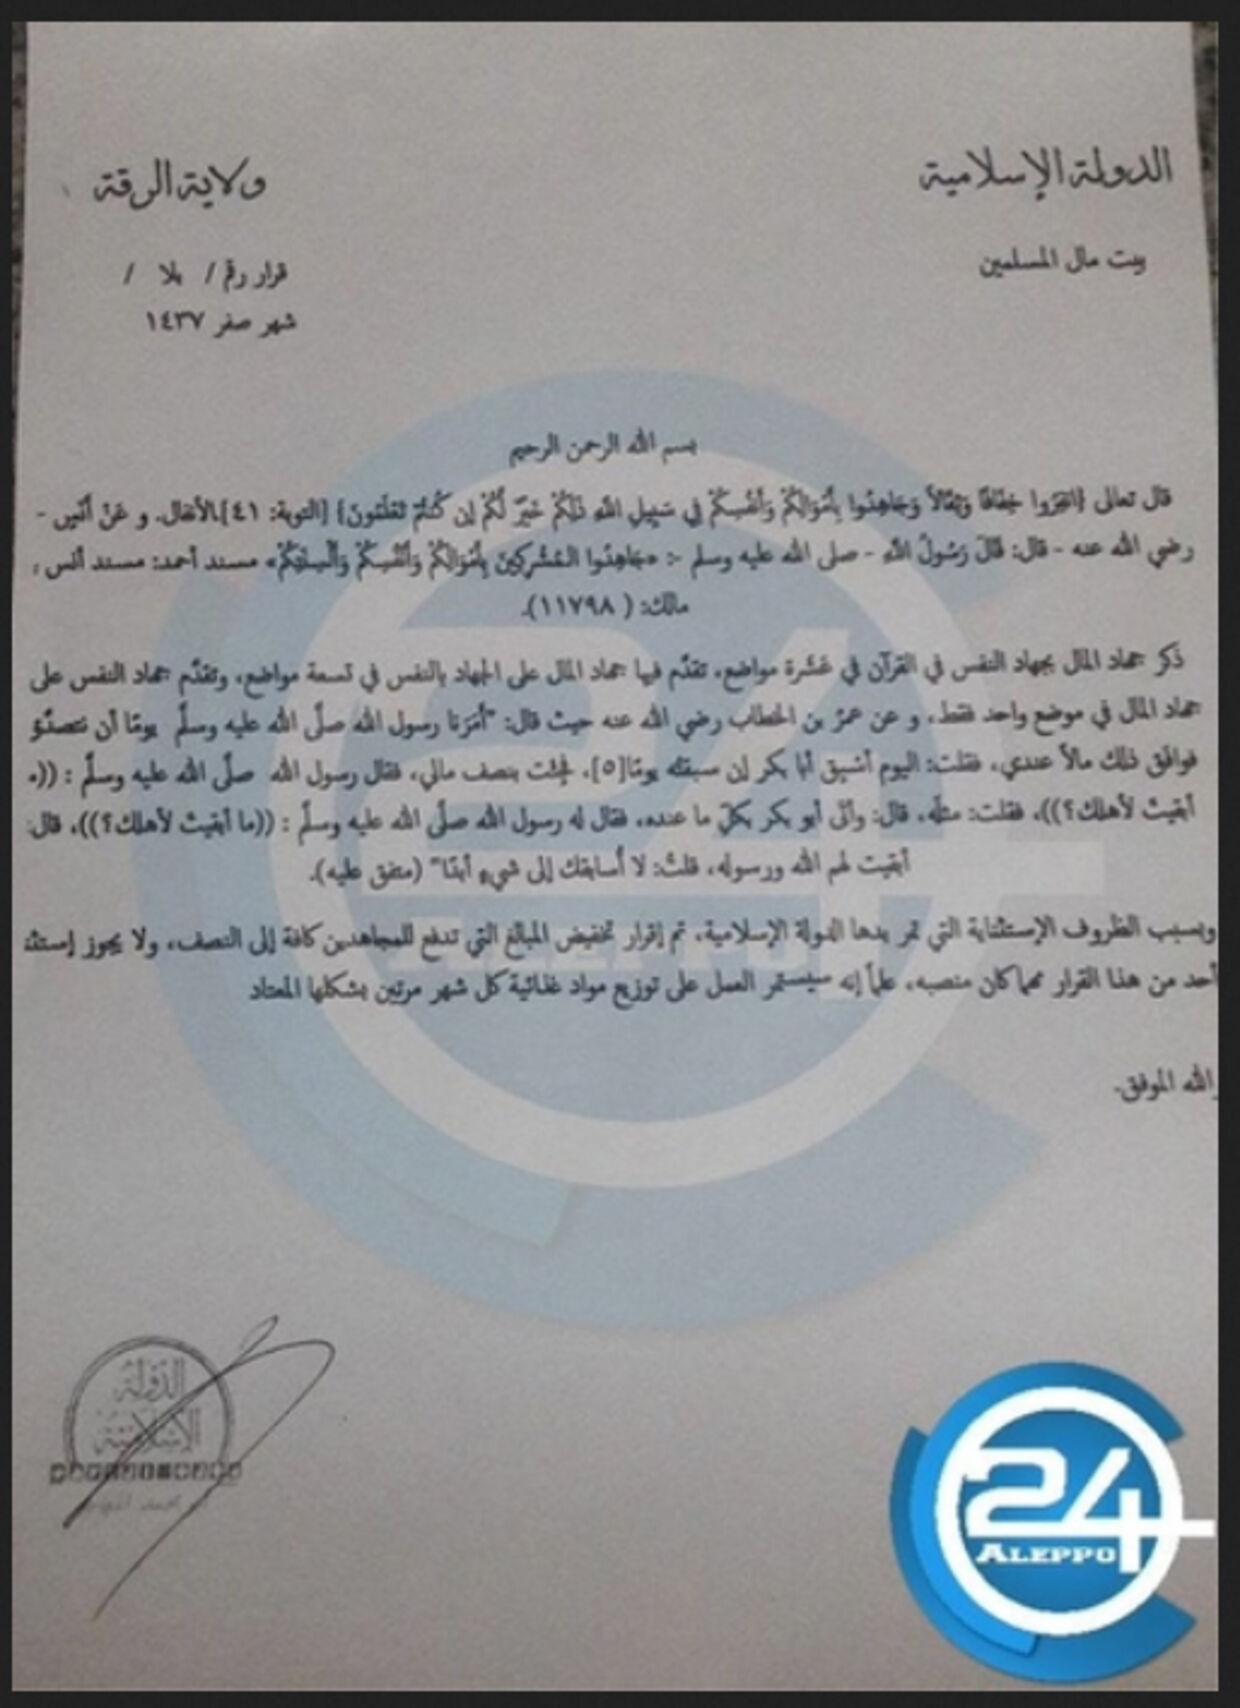 Terrorforsker Aymenn al-Tamimi har offentliggjort IS-dokumentet på sit website.